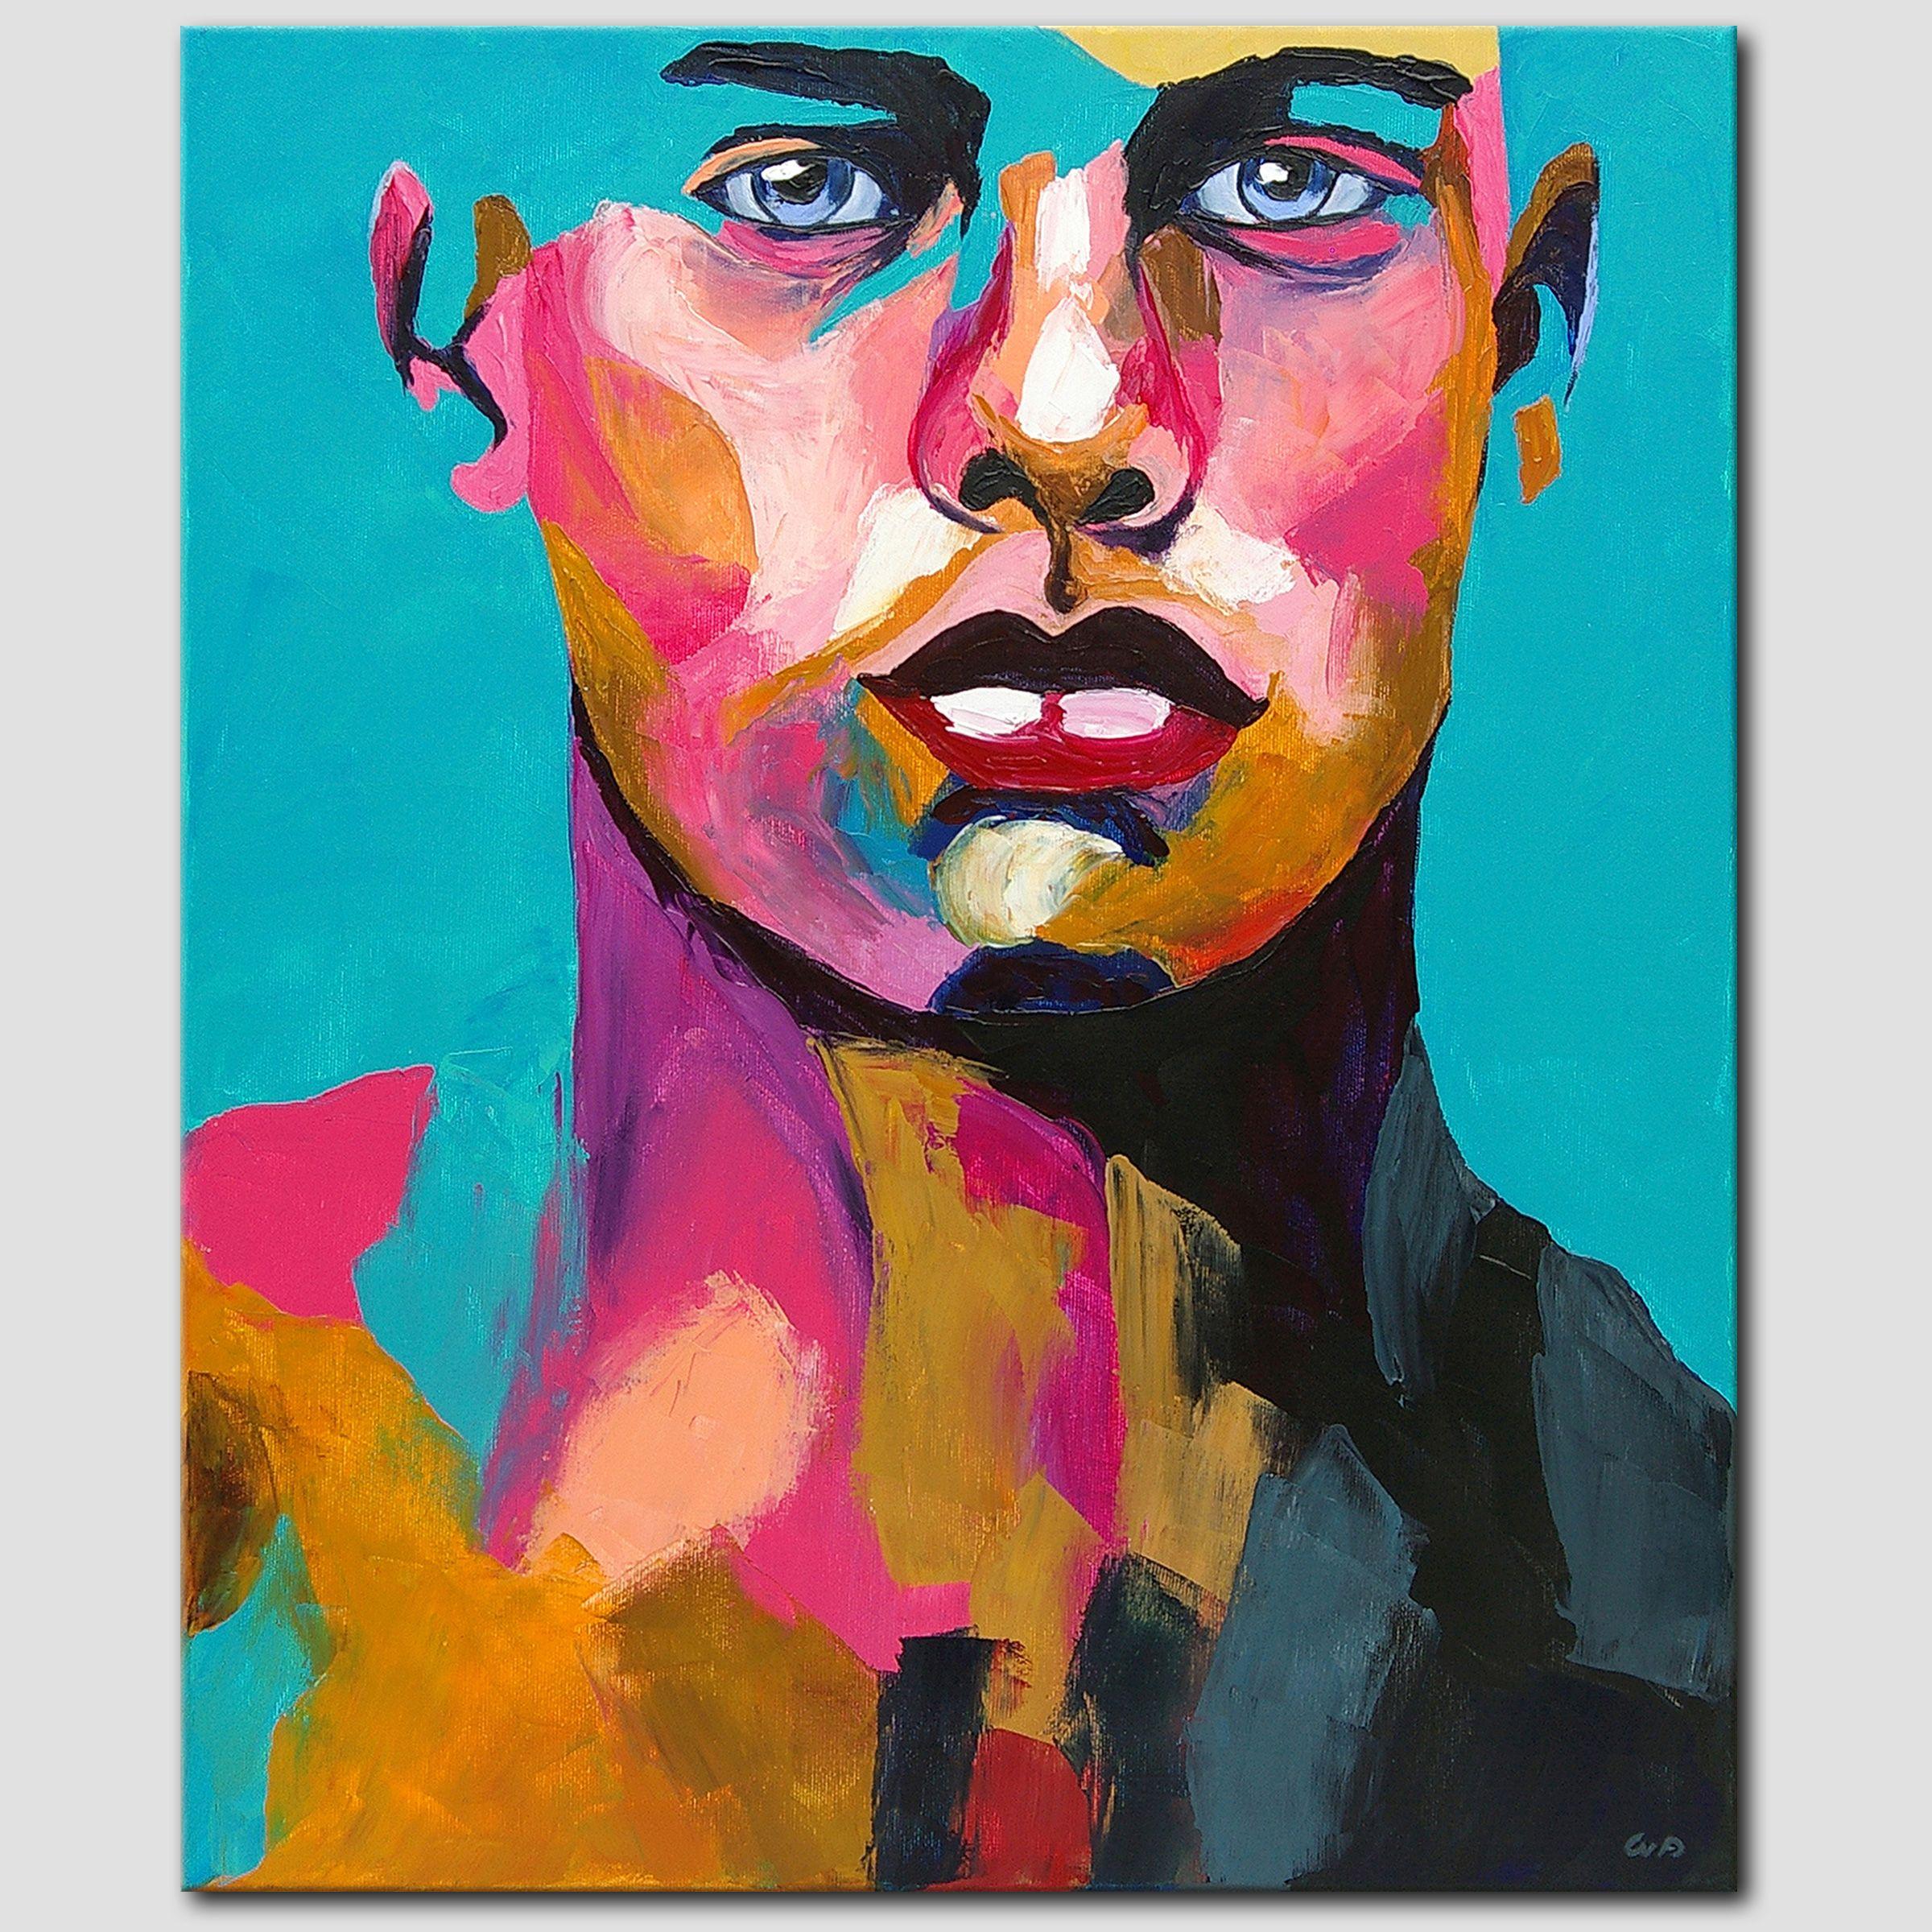 Novaarte Acryl Bild Kunst Original Abstrakt Malerei Portrait Mann Acryl Gemälde Modern Handgemalt Malerei Abstrakte Kunst Gemälde Abstrakt